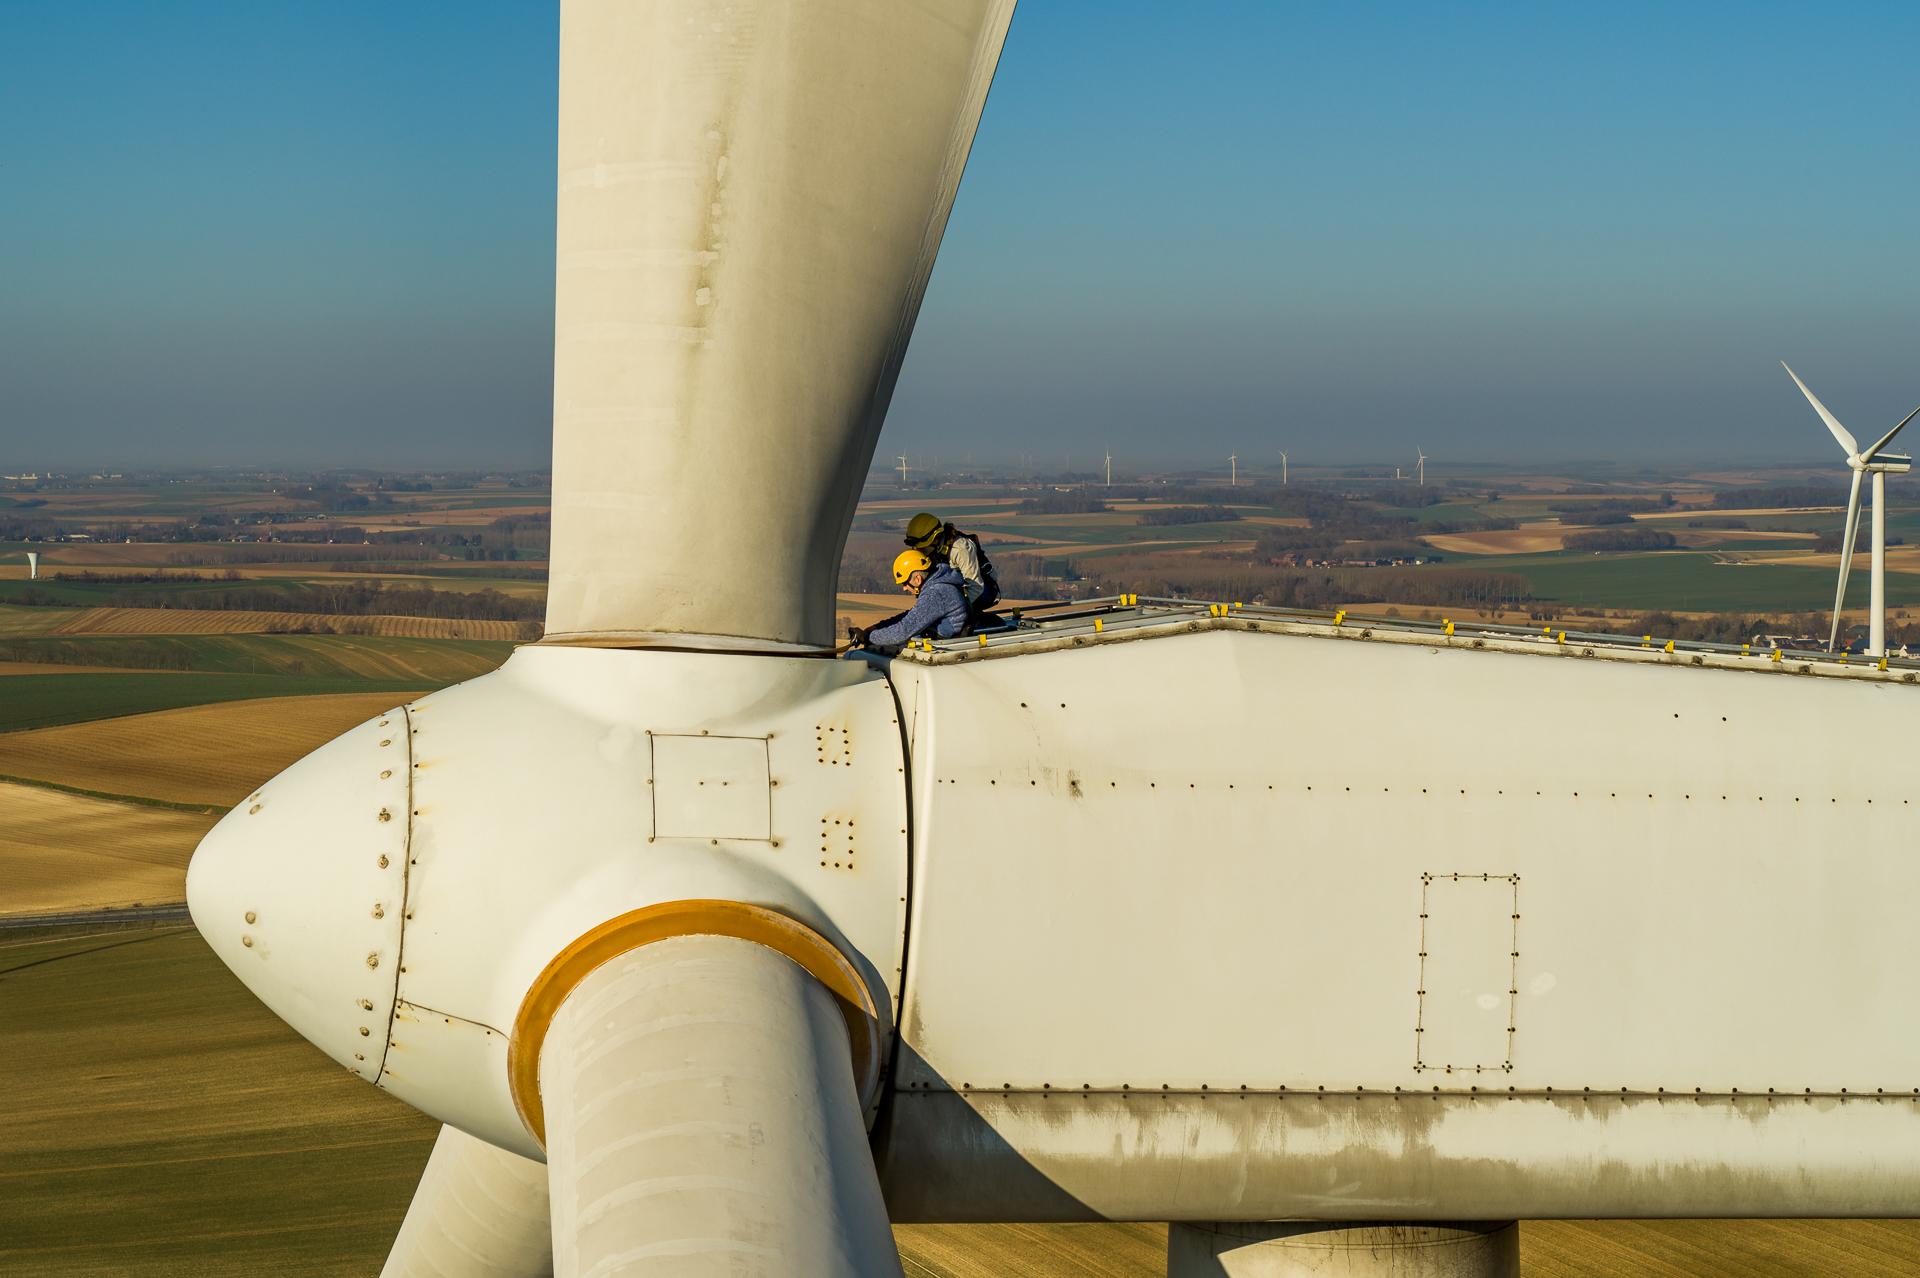 Kallista_Energy_Picardie_Omissy-0688©Stephane_Leroy.jpg